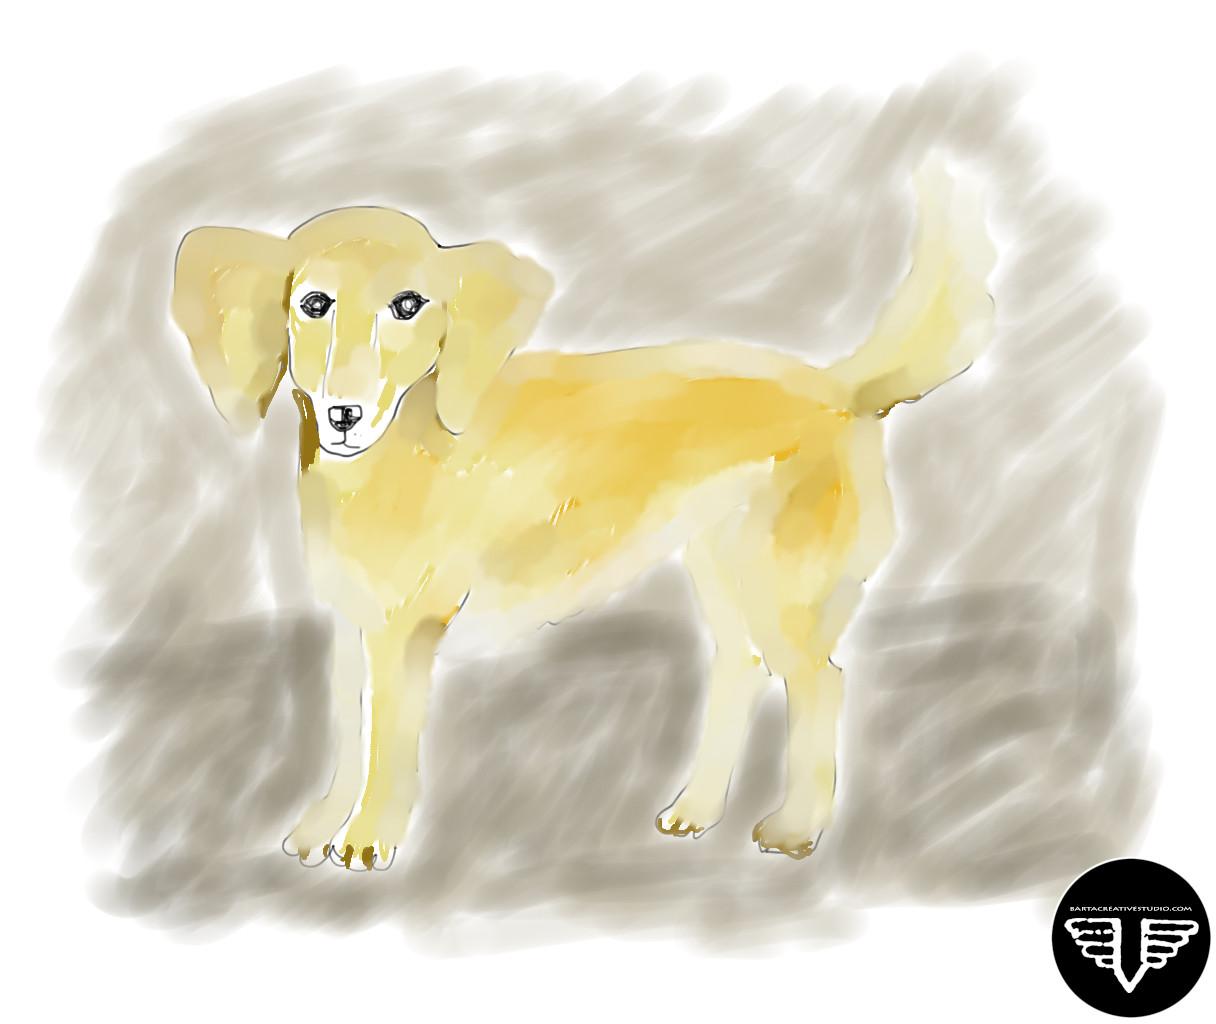 kutya_logoval.jpg